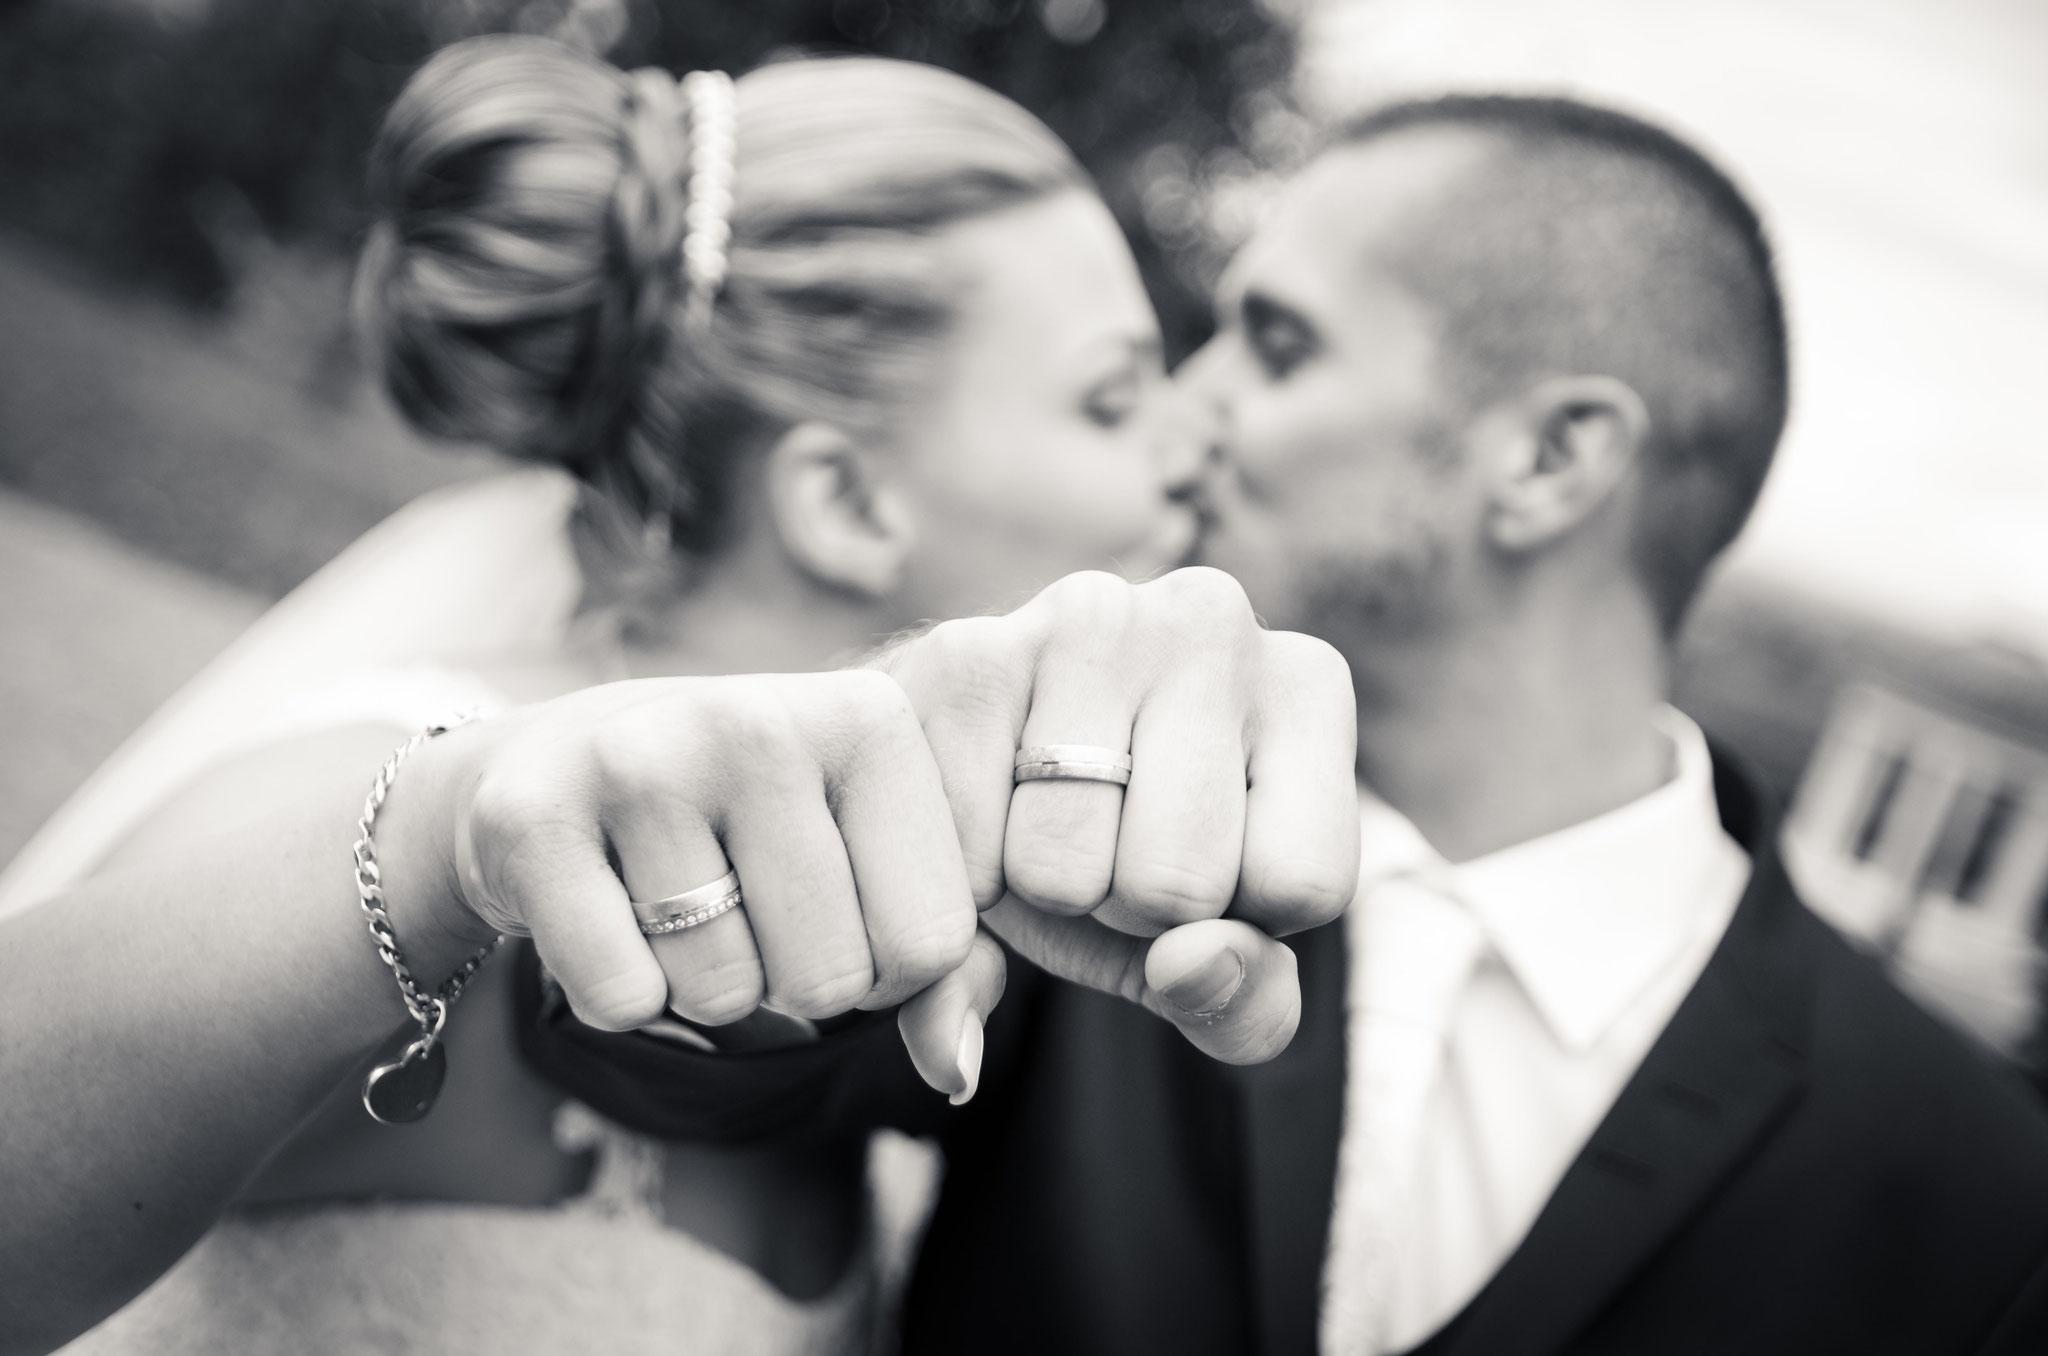 Hochzeitsfotograf Offenburg Daniel Keller / Paar mit Eheringe